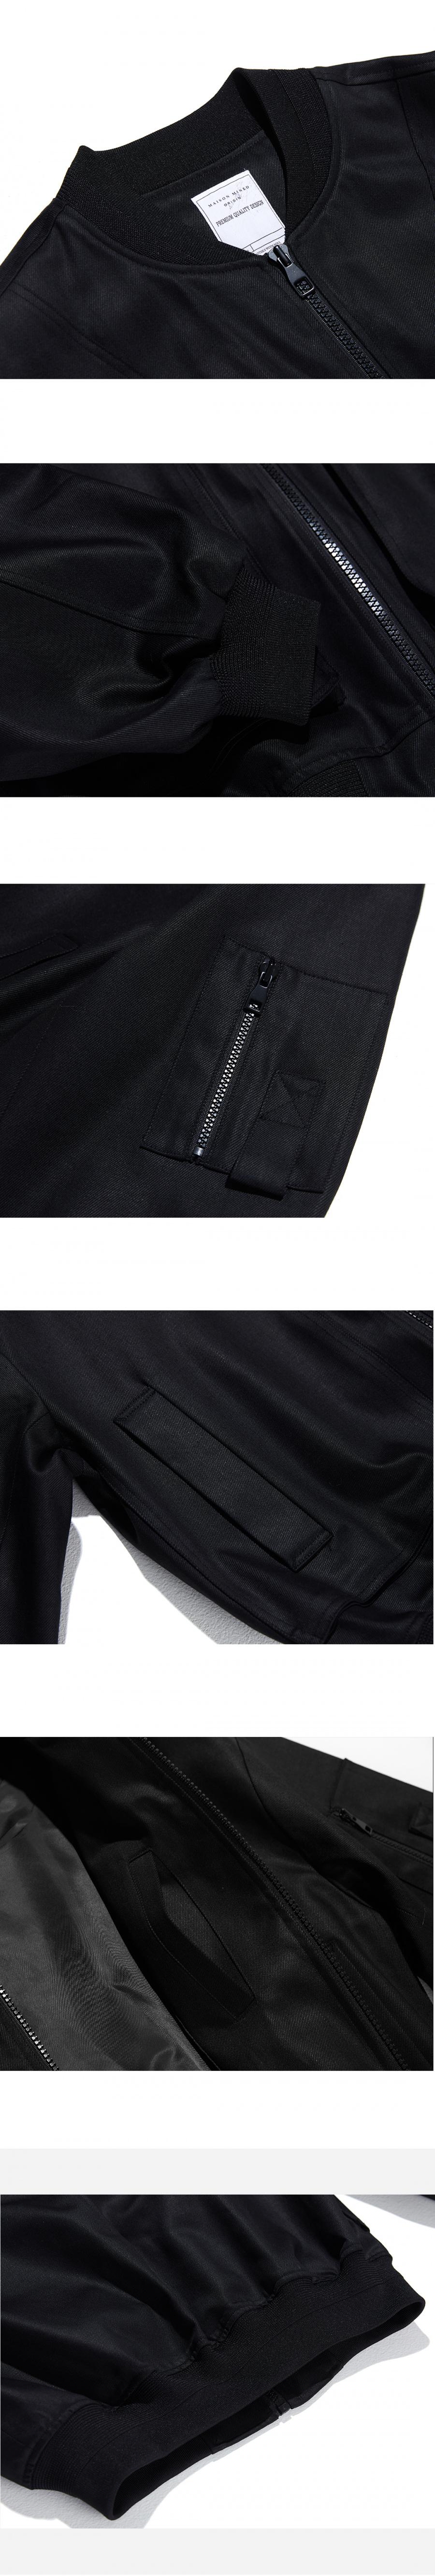 메종미네드(MAISON MINED) (3차 REORDER)BLACK OVER MA-1